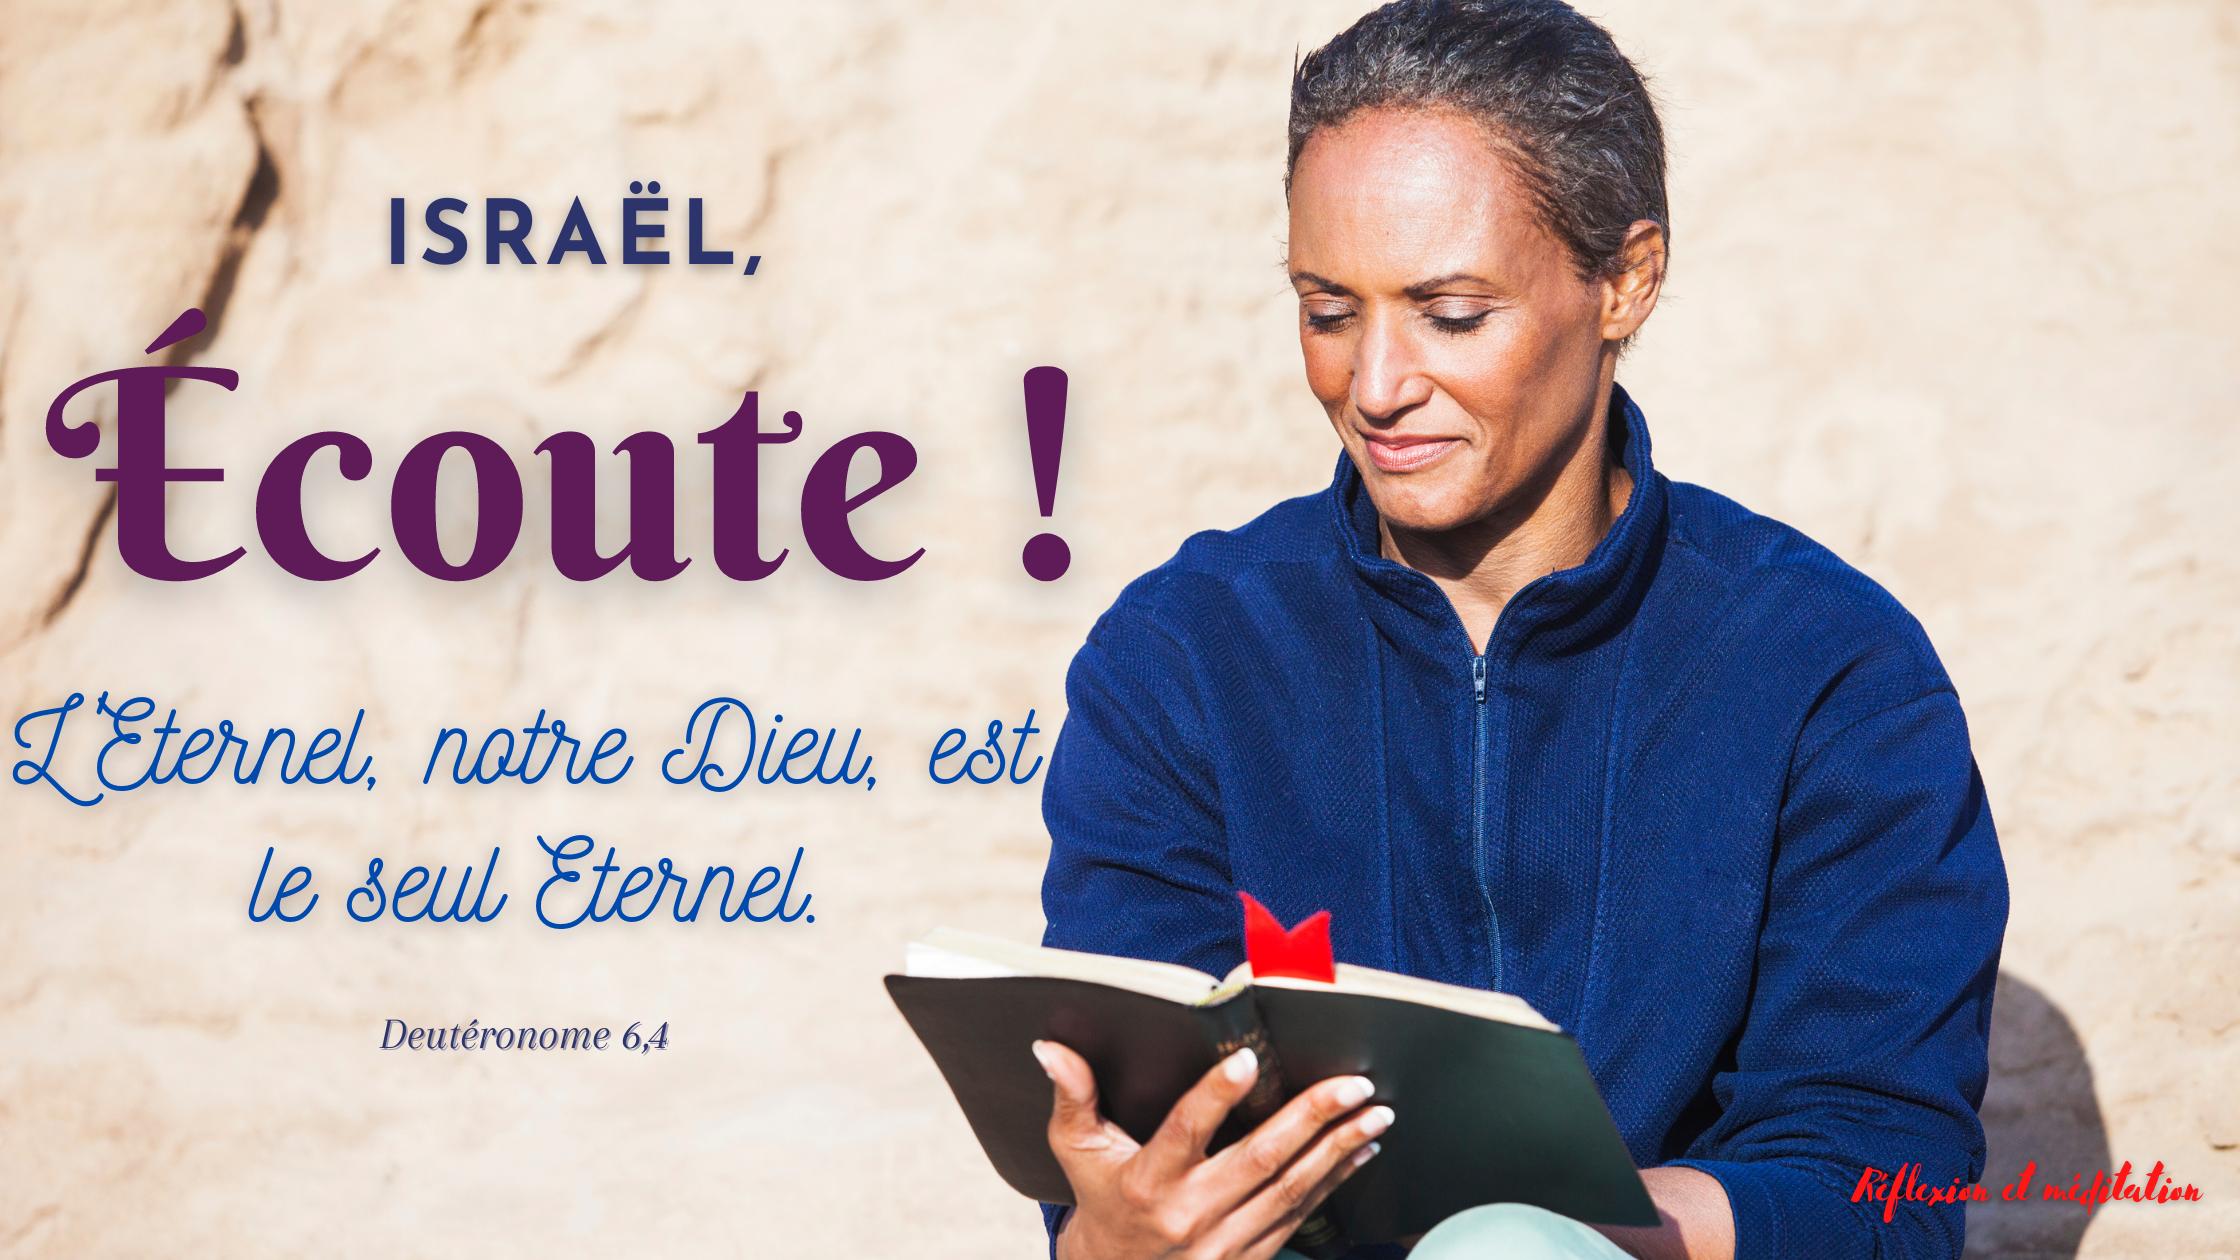 Écoute, Israël ! L'Éternel, notre Dieu, est le seul Éternel. Deutéronome 6,4 Commentaires de la Bible Annotée interlinéaire